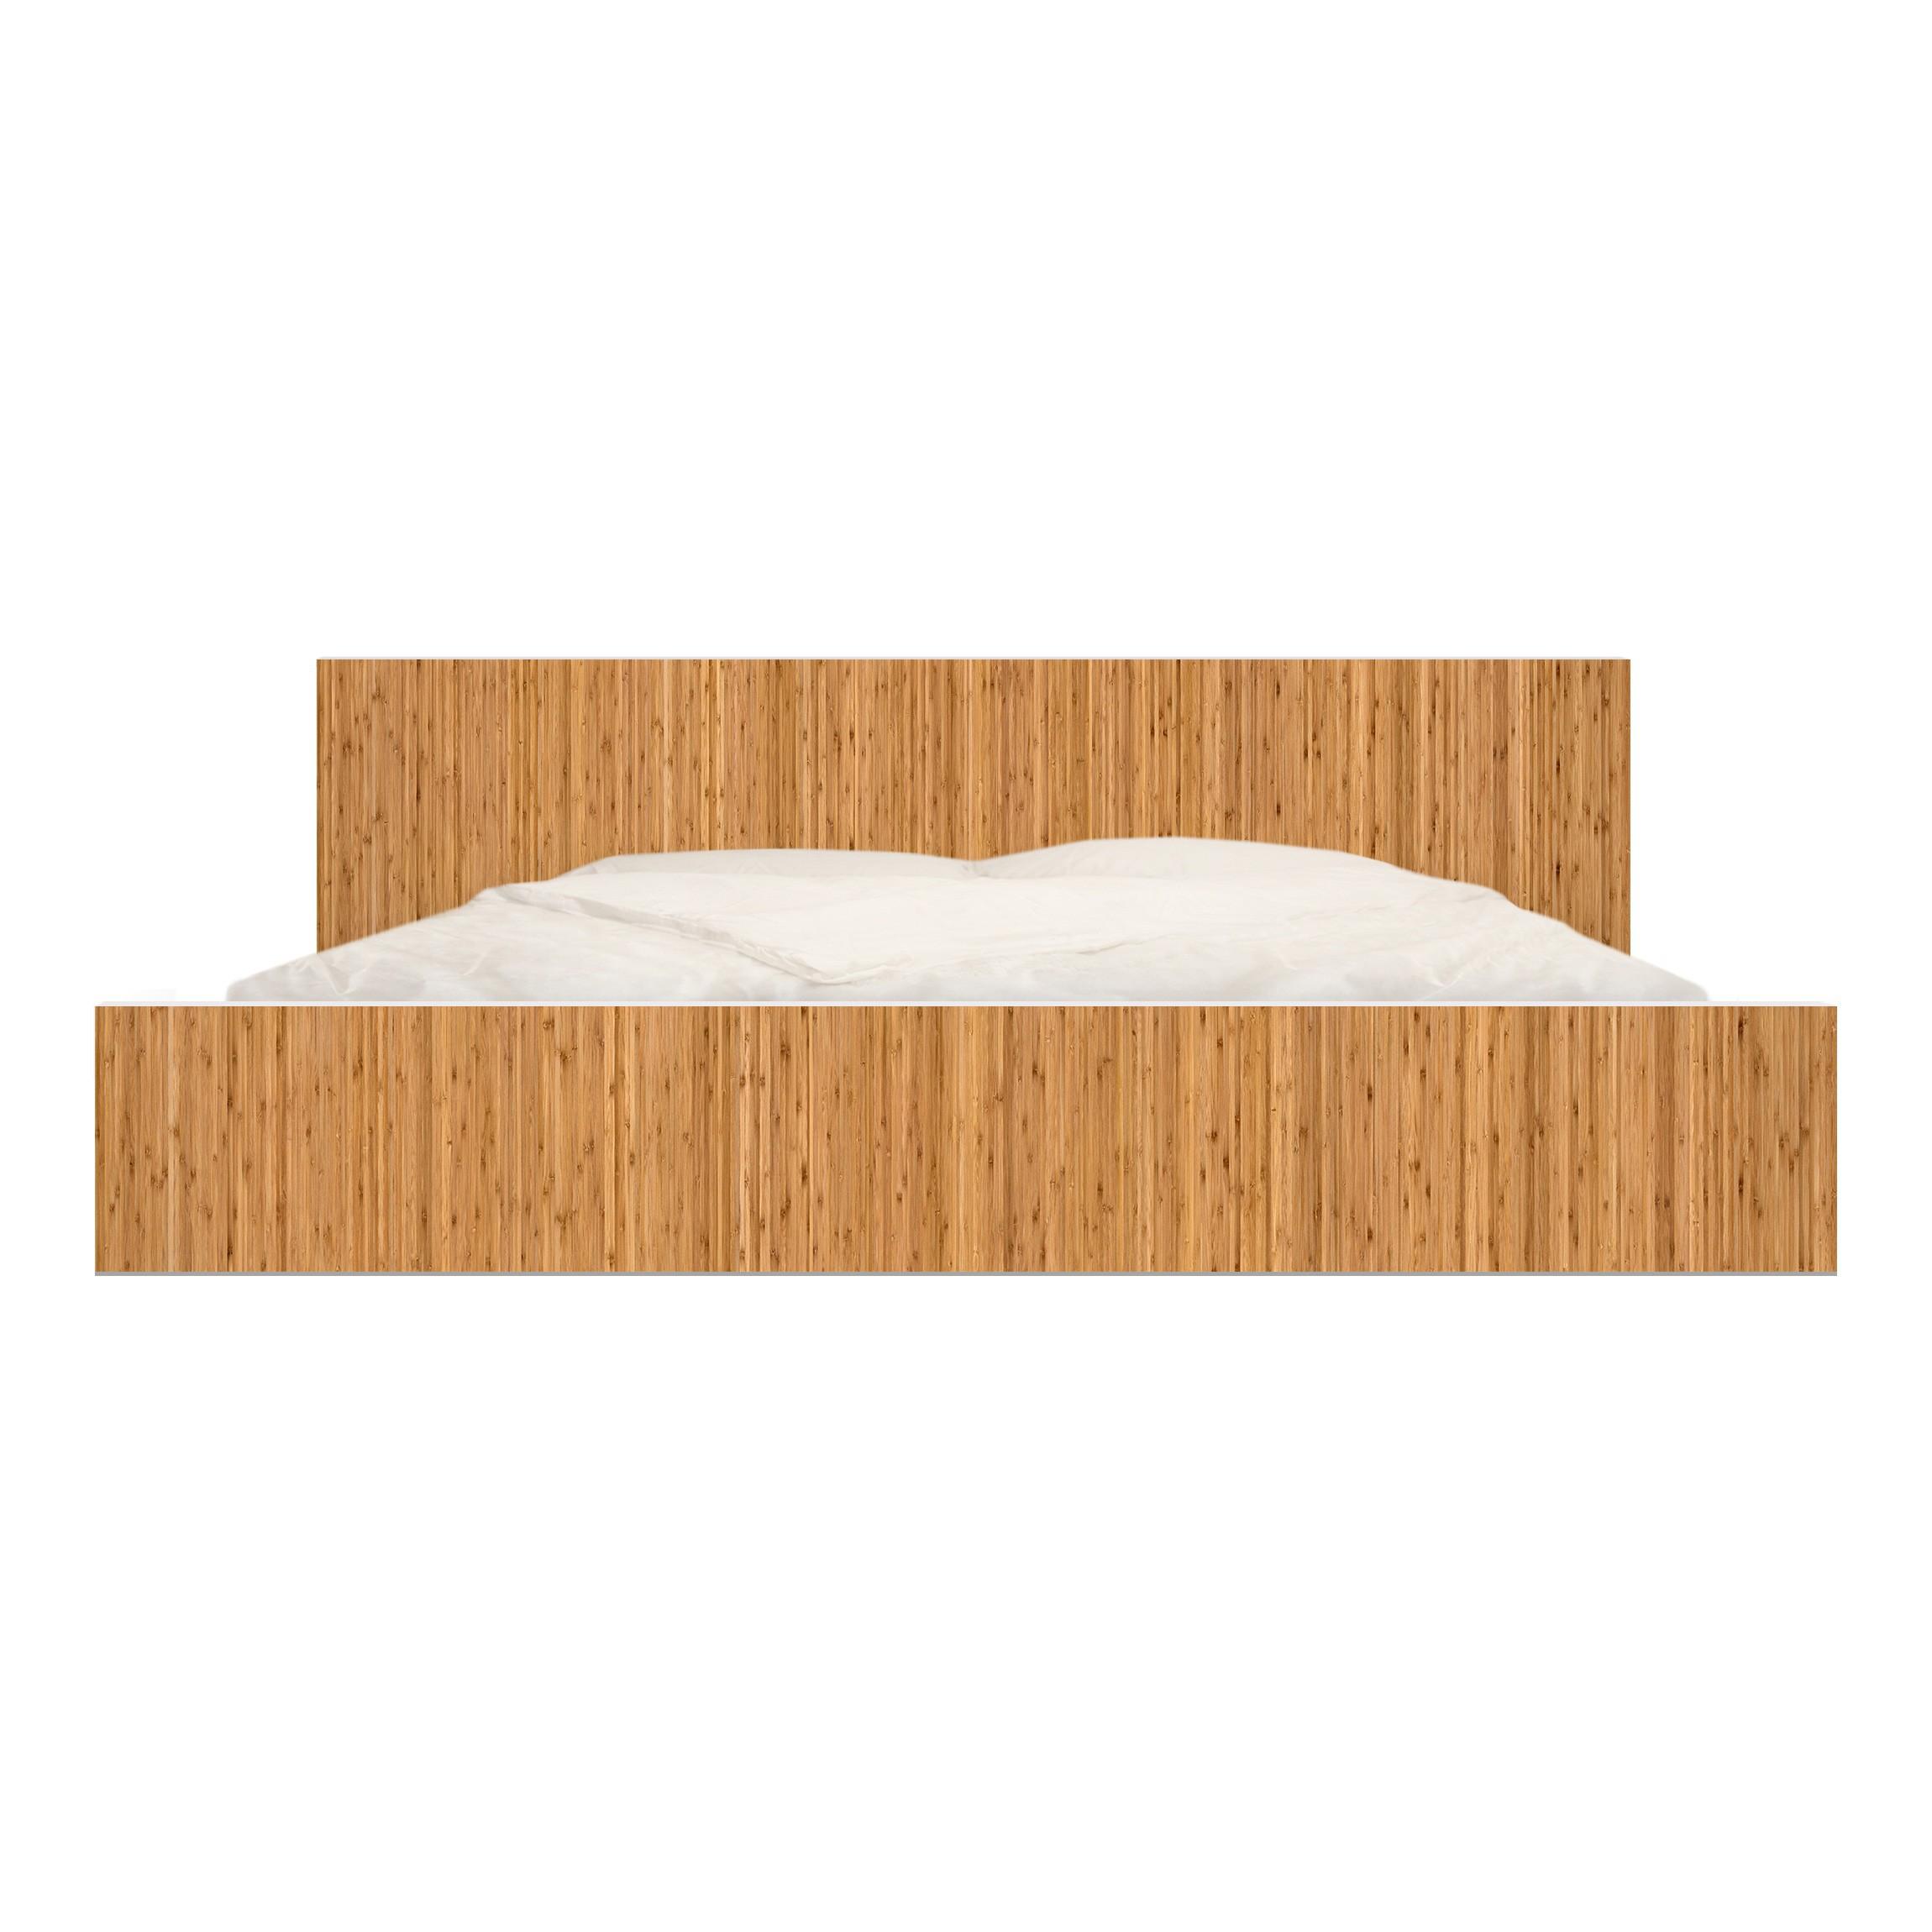 Carta adesiva per mobili ikea malm letto basso 180x200cm bamboo - Carta adesiva per mobili ikea ...